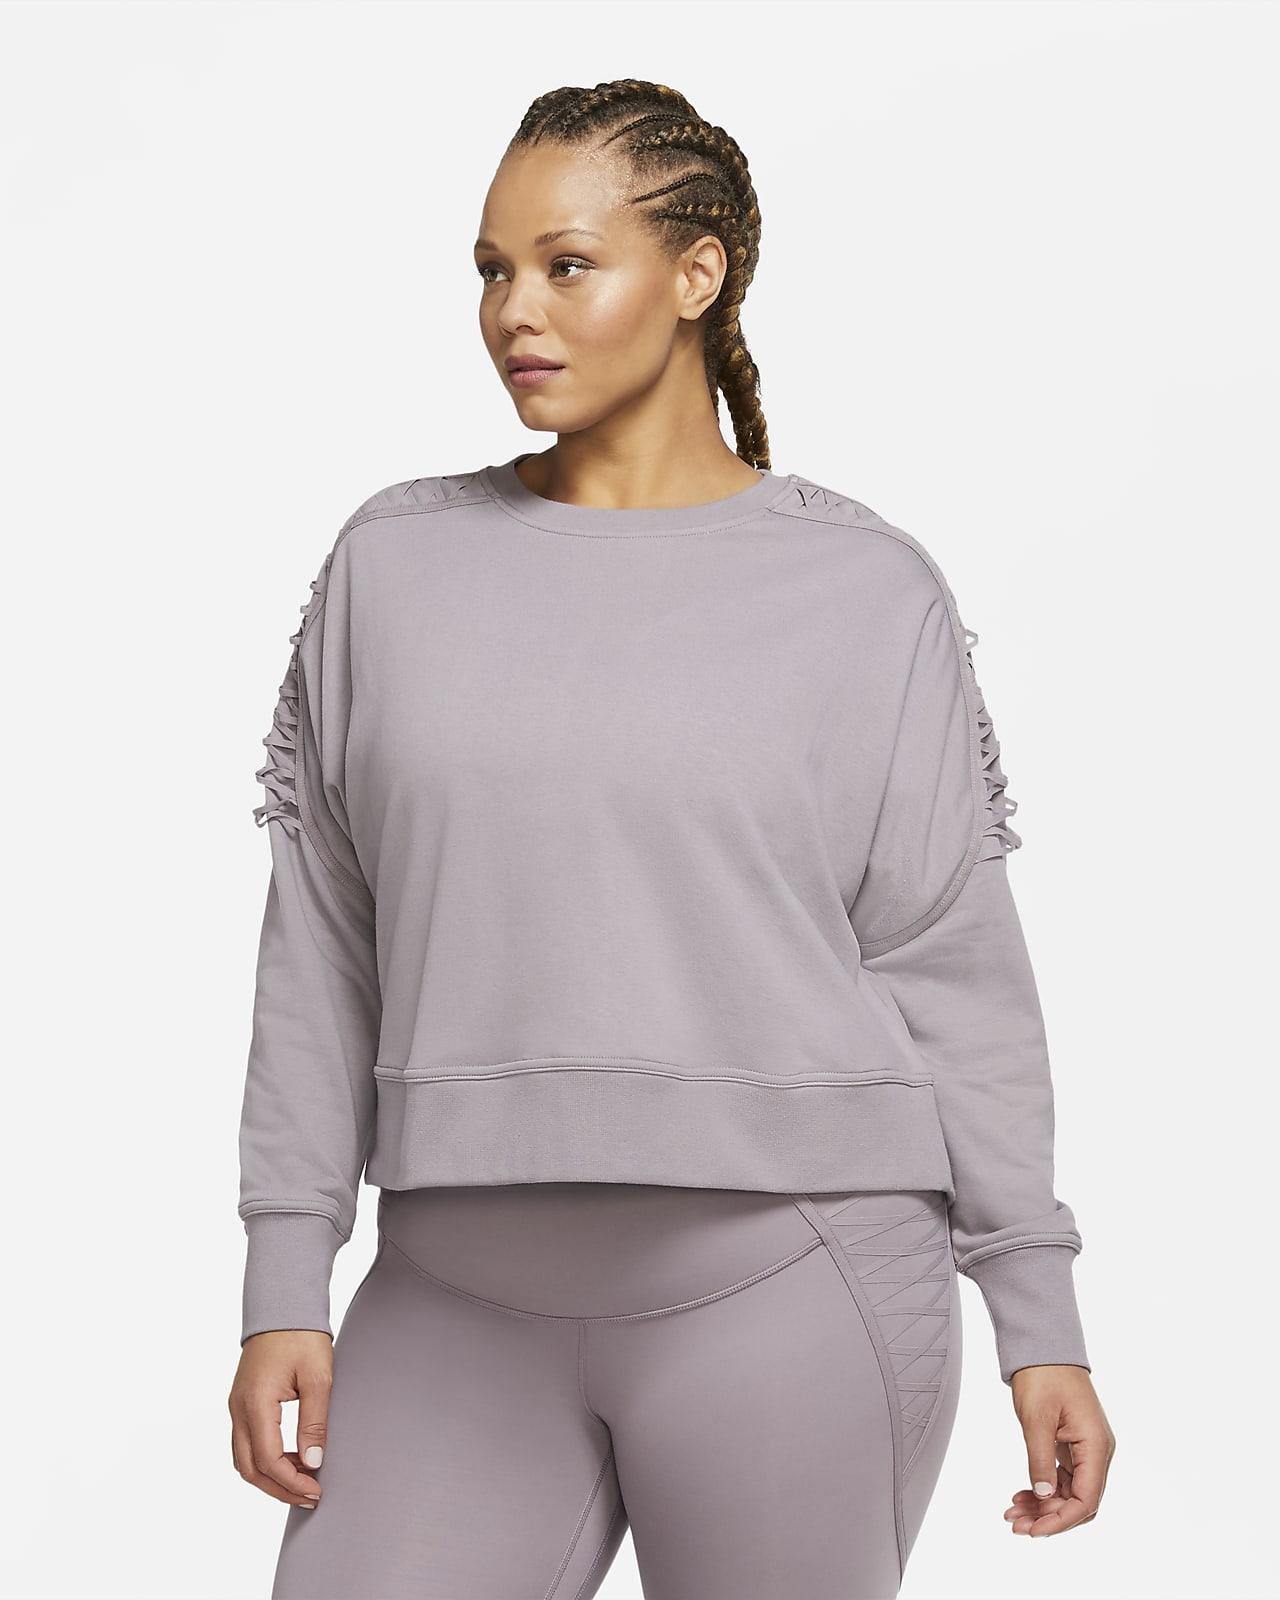 Damska dzianinowa bluza treningowa o skróconym kroju ze sznurowaniem Nike Therma (duże rozmiary)